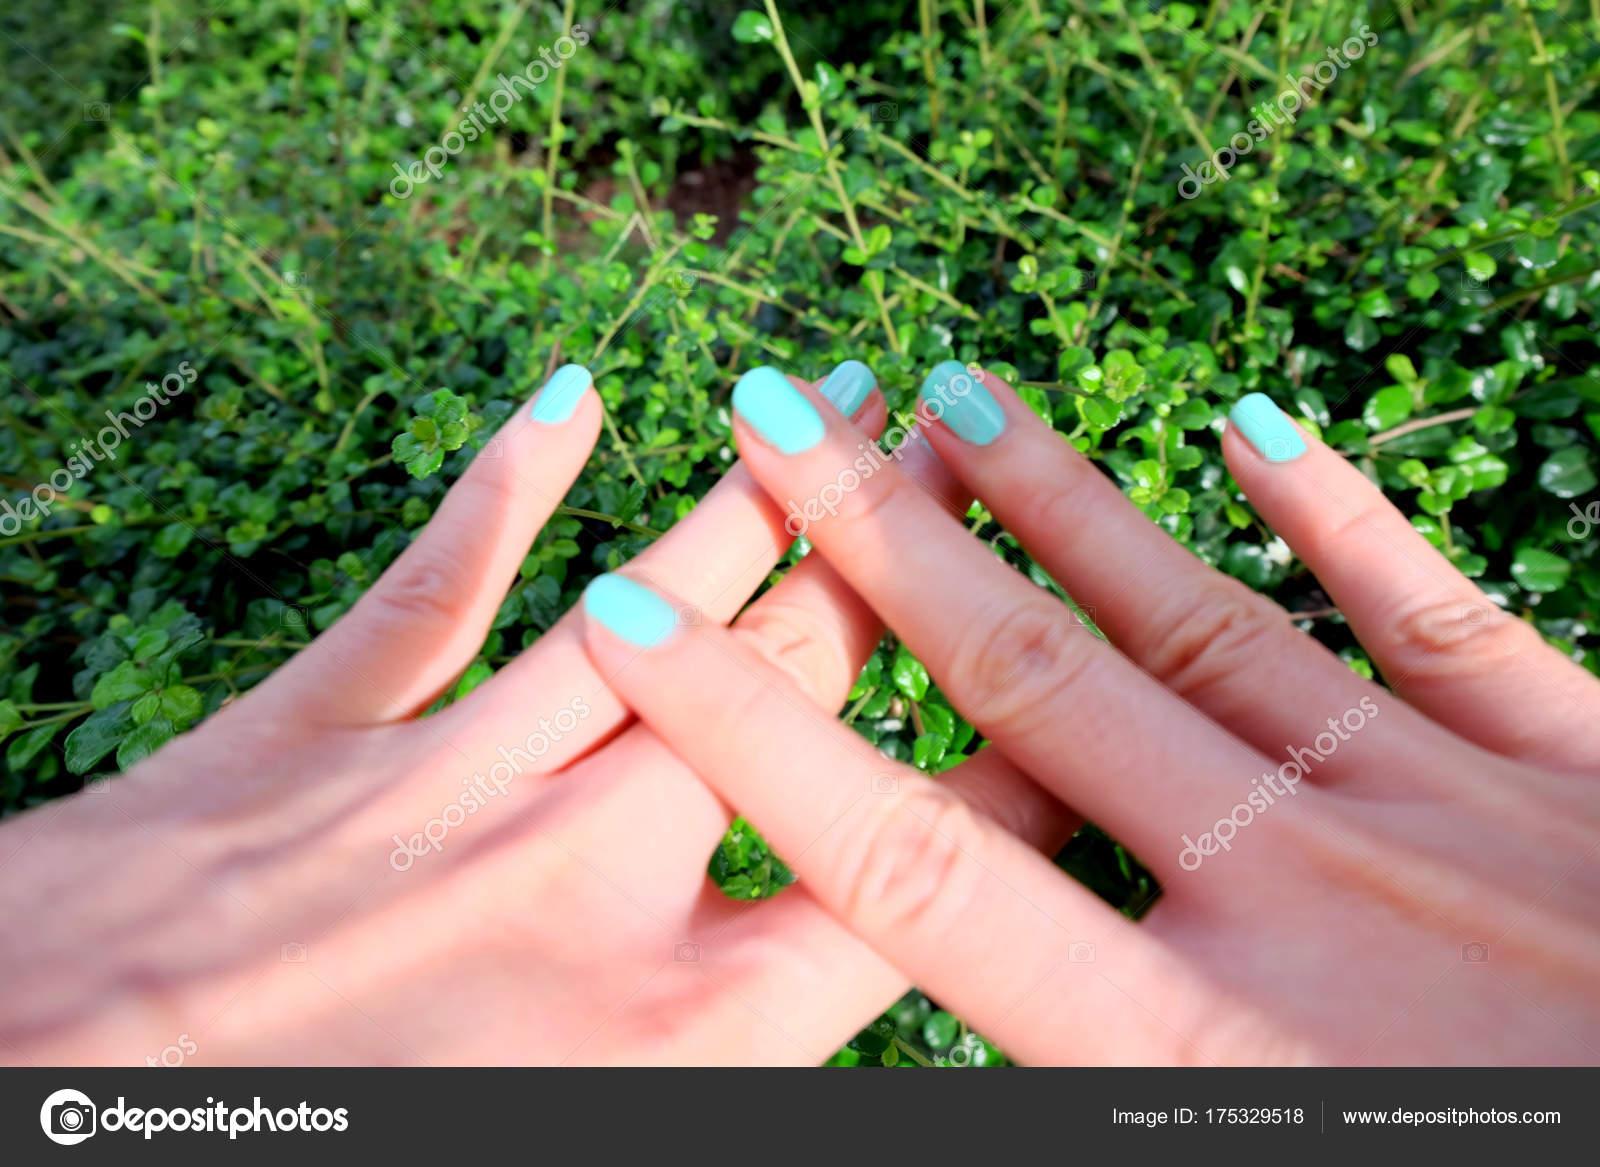 Cerrar Uñas Manicura Verde Hermosas Hembras Mano Uñas Polaco Fondo ...